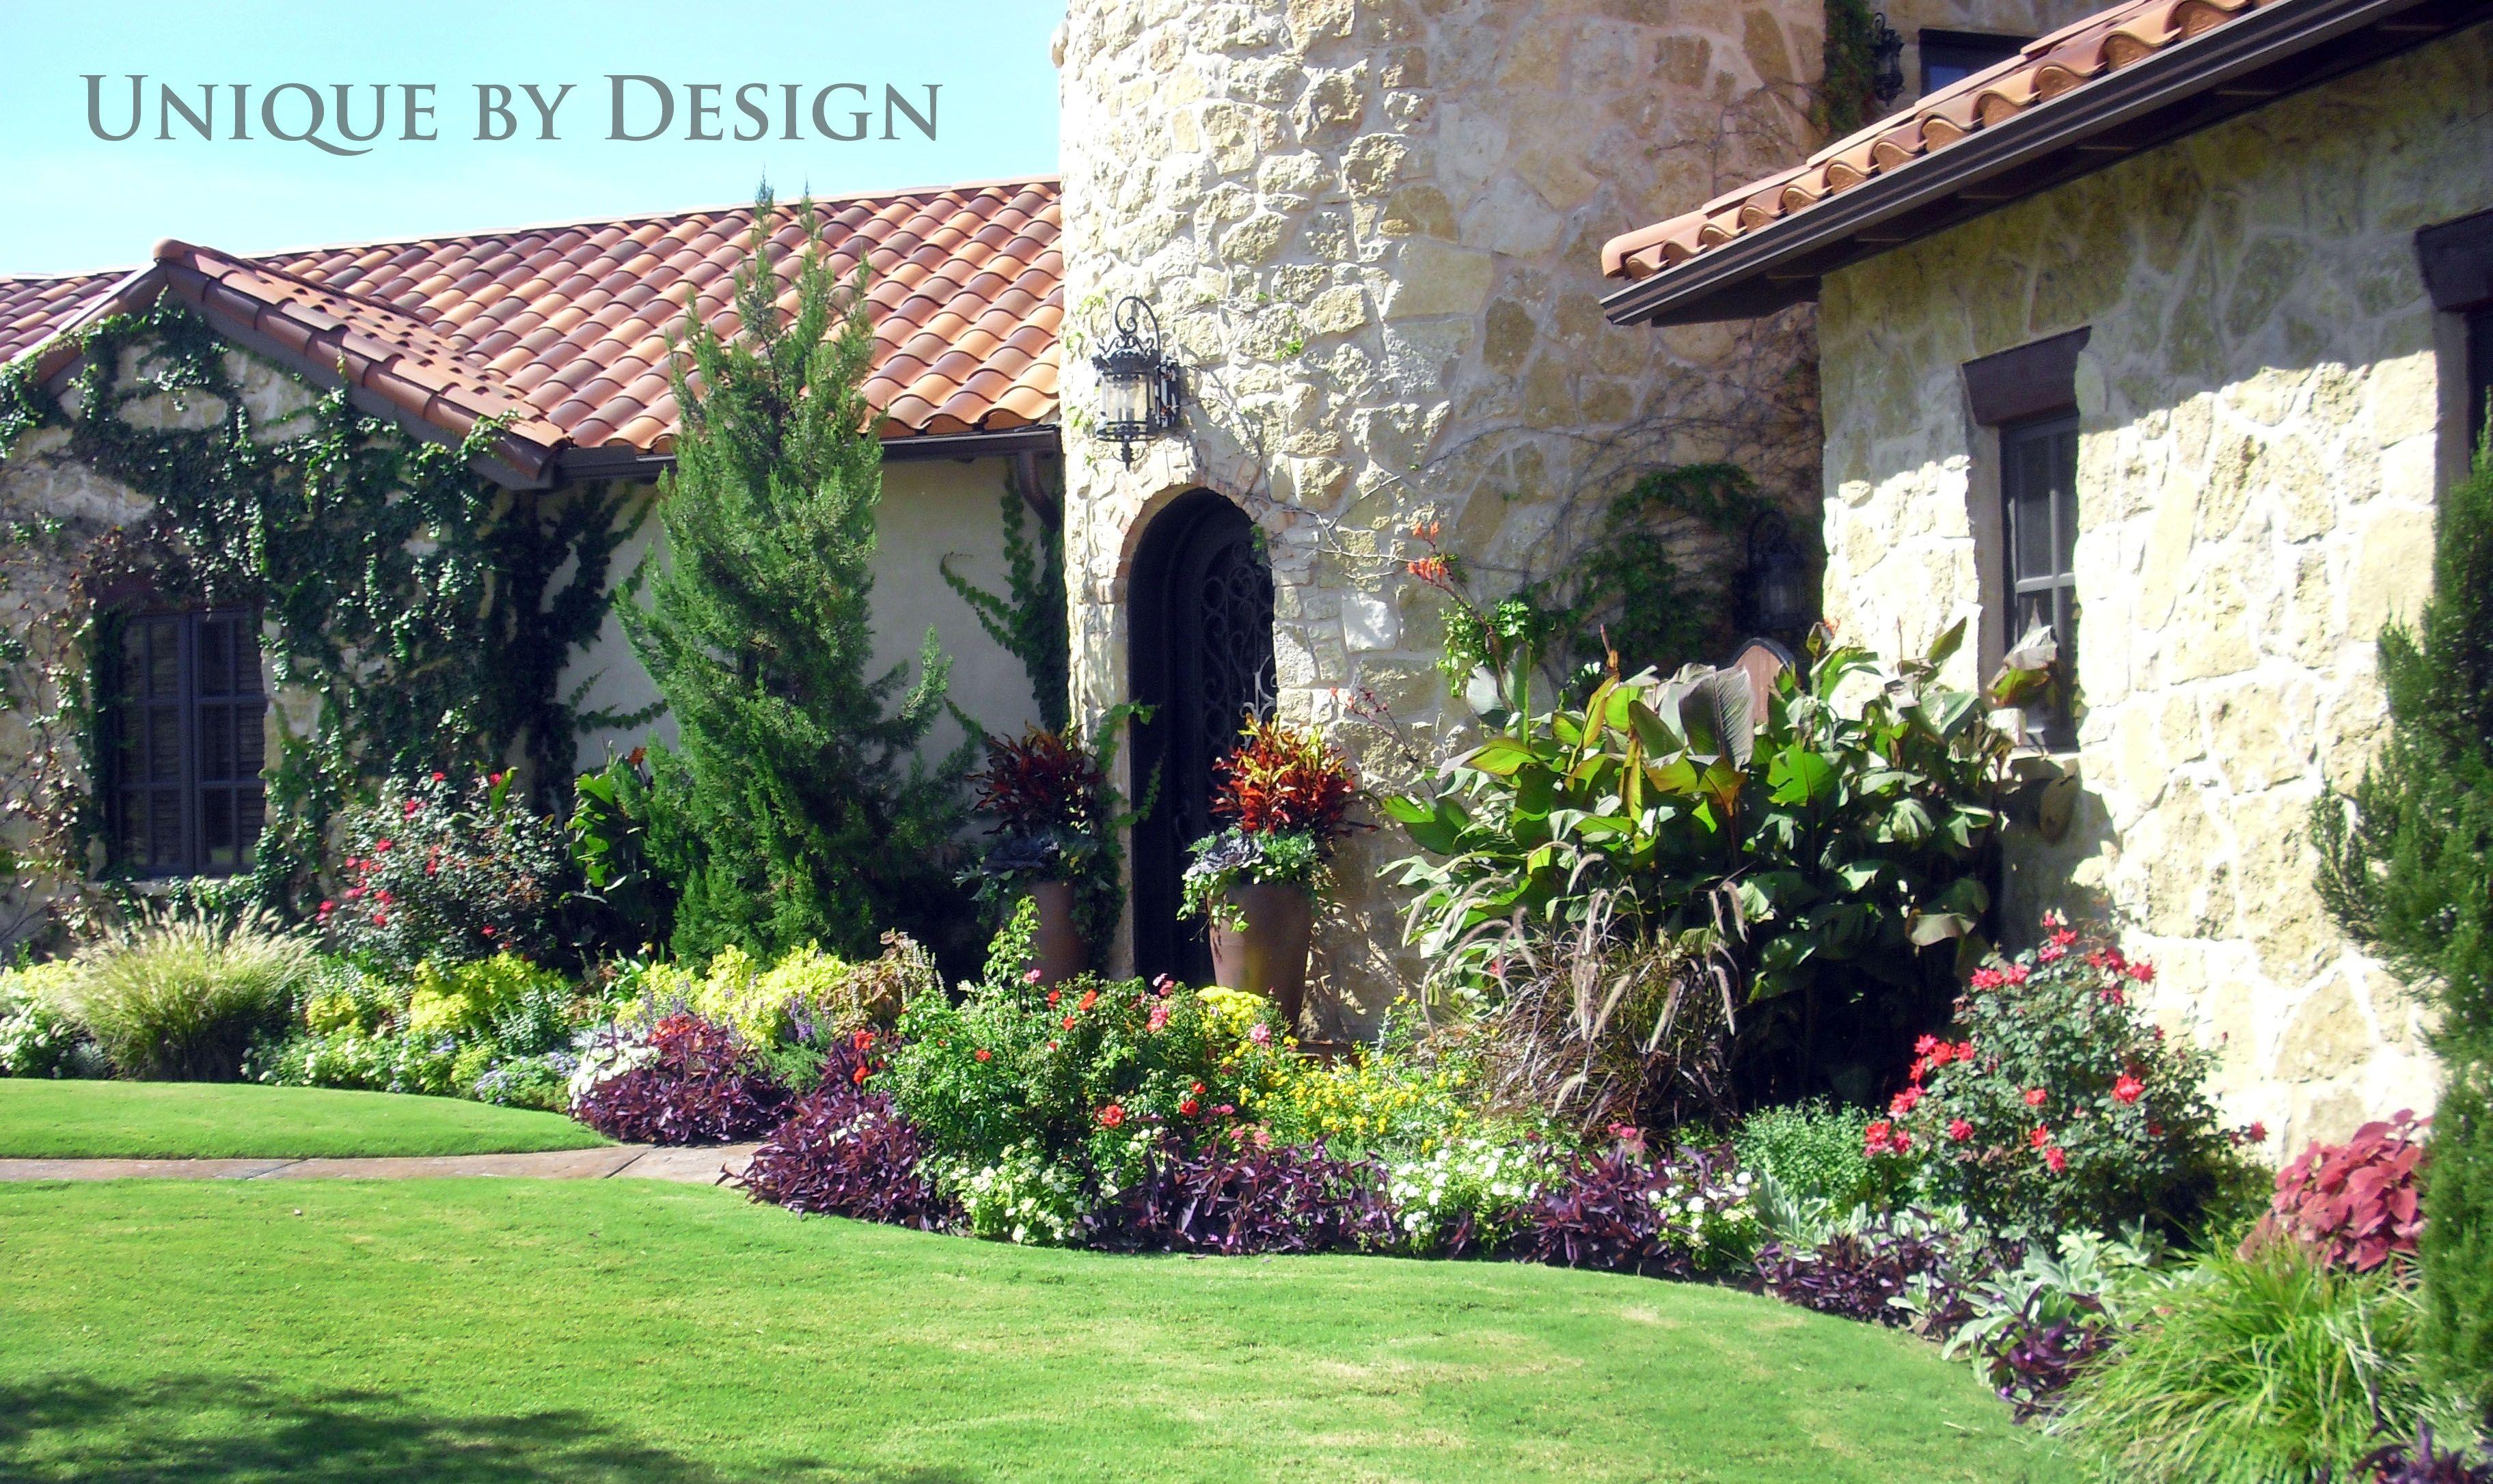 Pin de maura cebreros cortez en jardines y jardiner a for Jardineria al aire libre casa pendiente